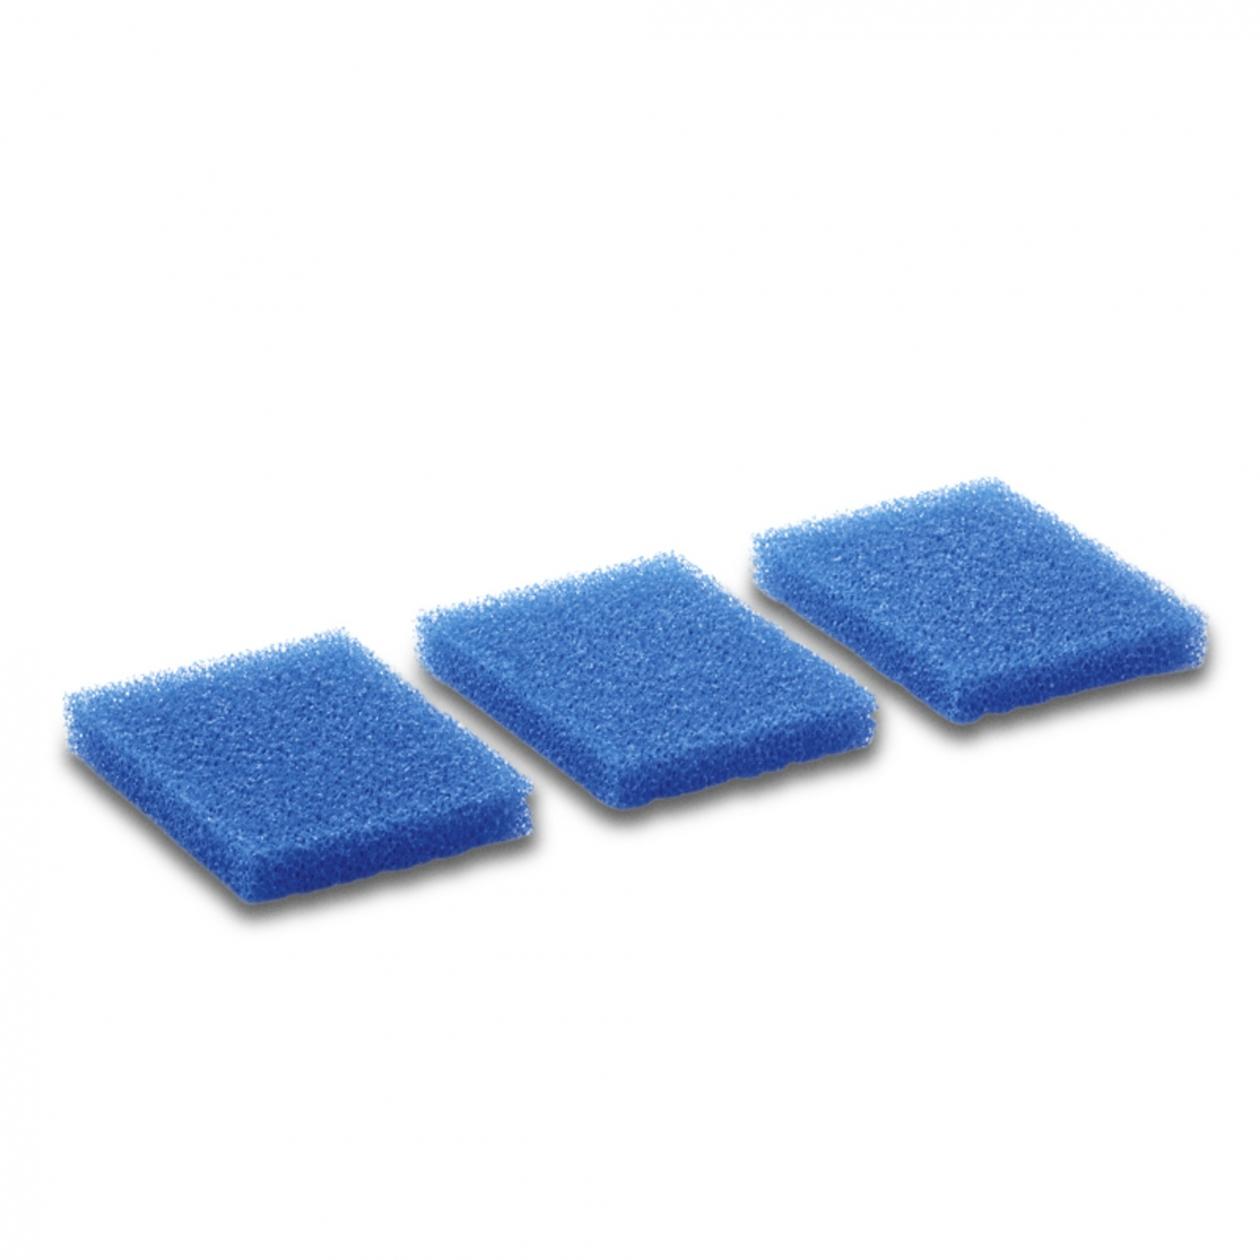 Karcher Filter Sponge 3pkt cv38